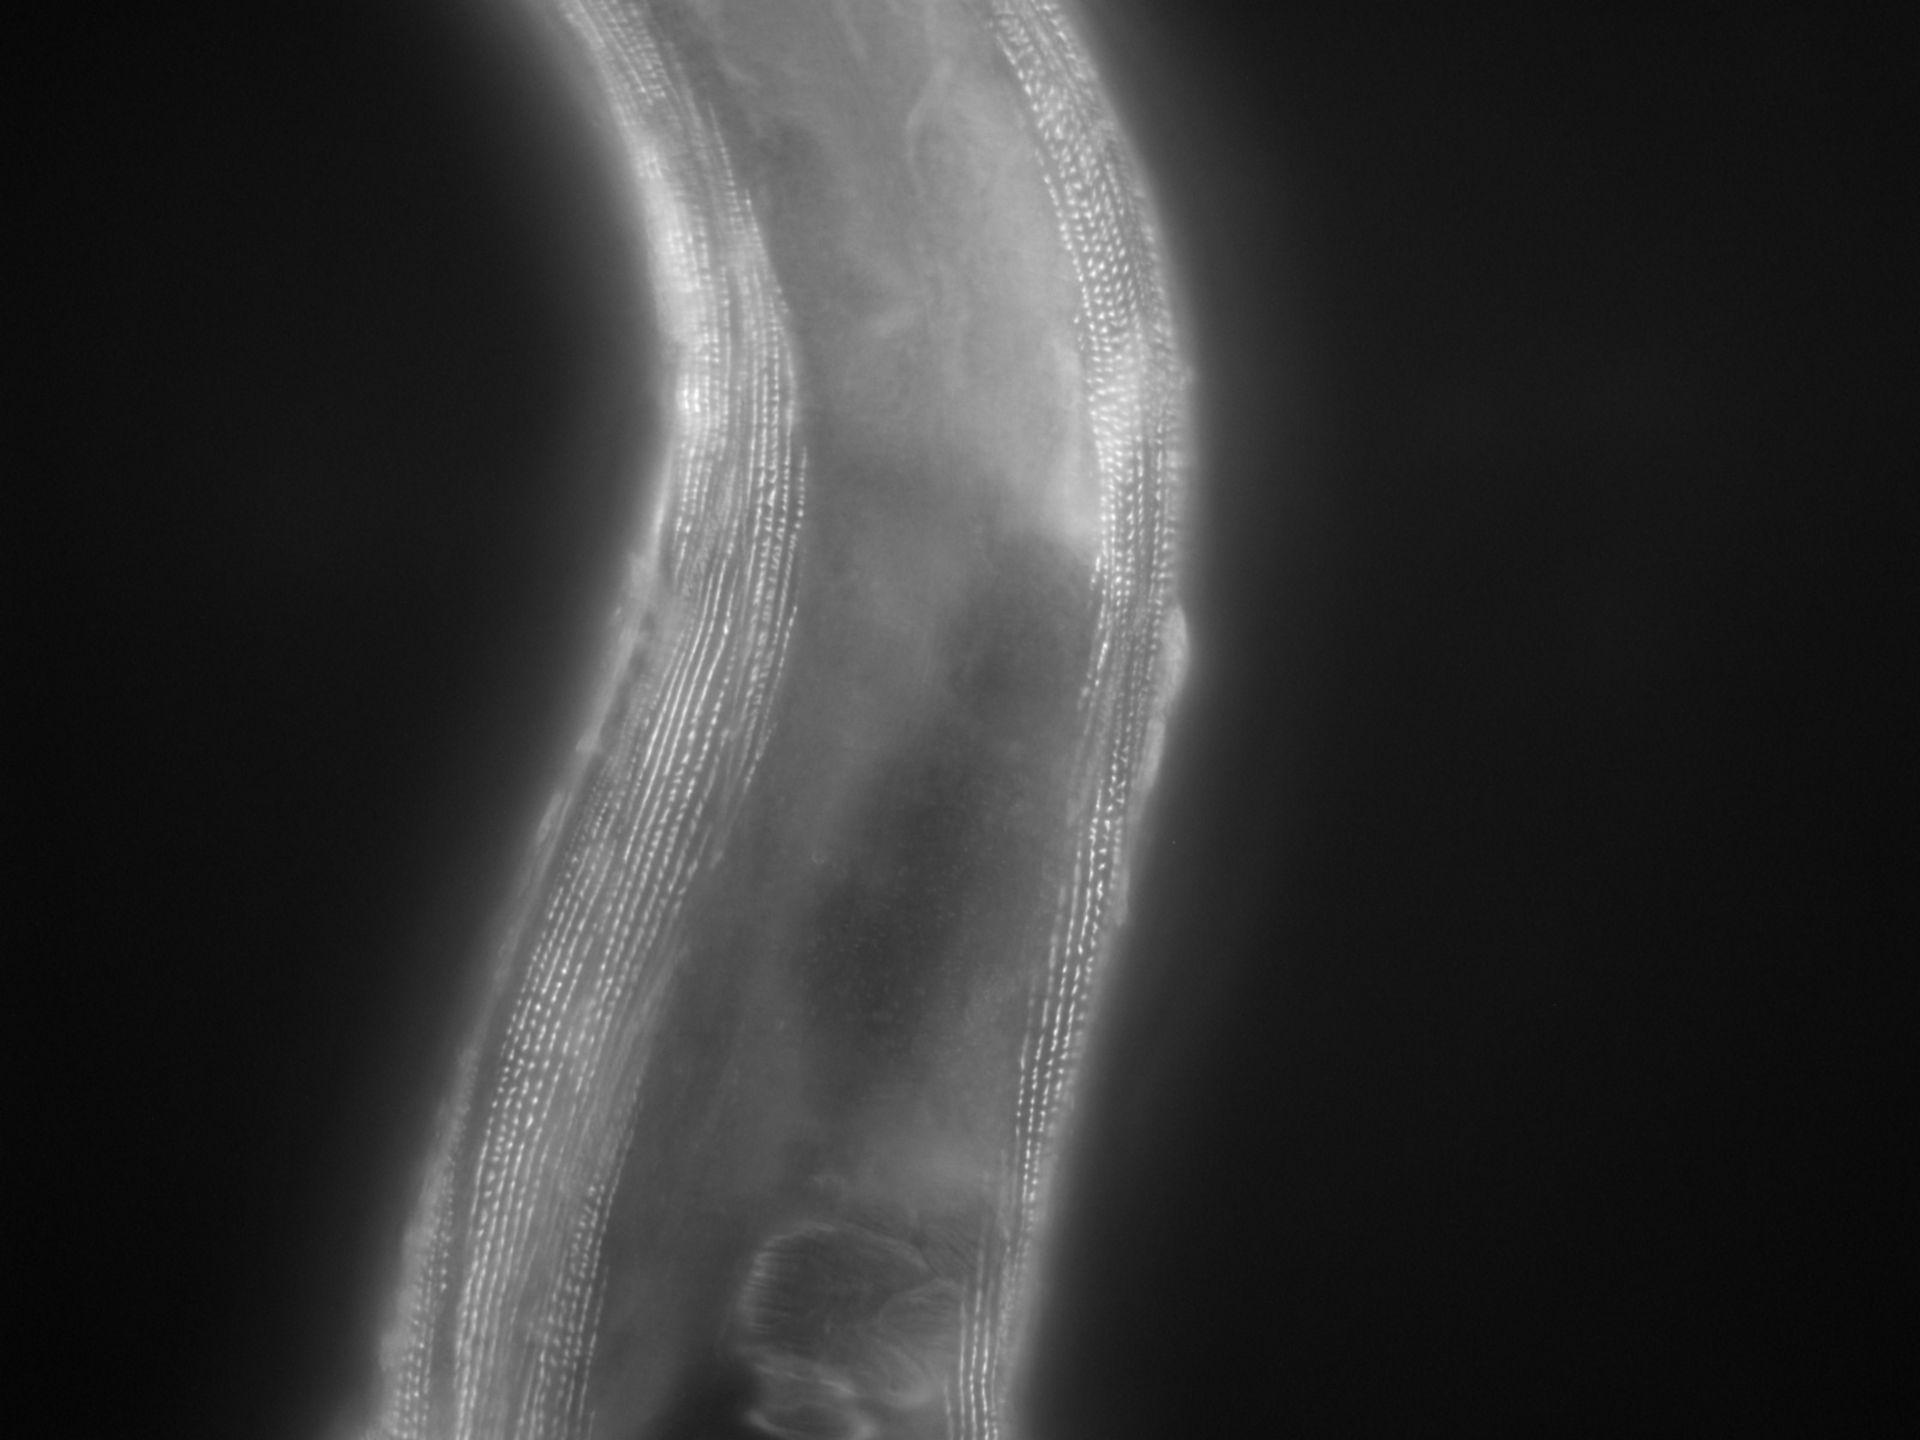 Caenorhabditis elegans (Actin filament) - CIL:1164